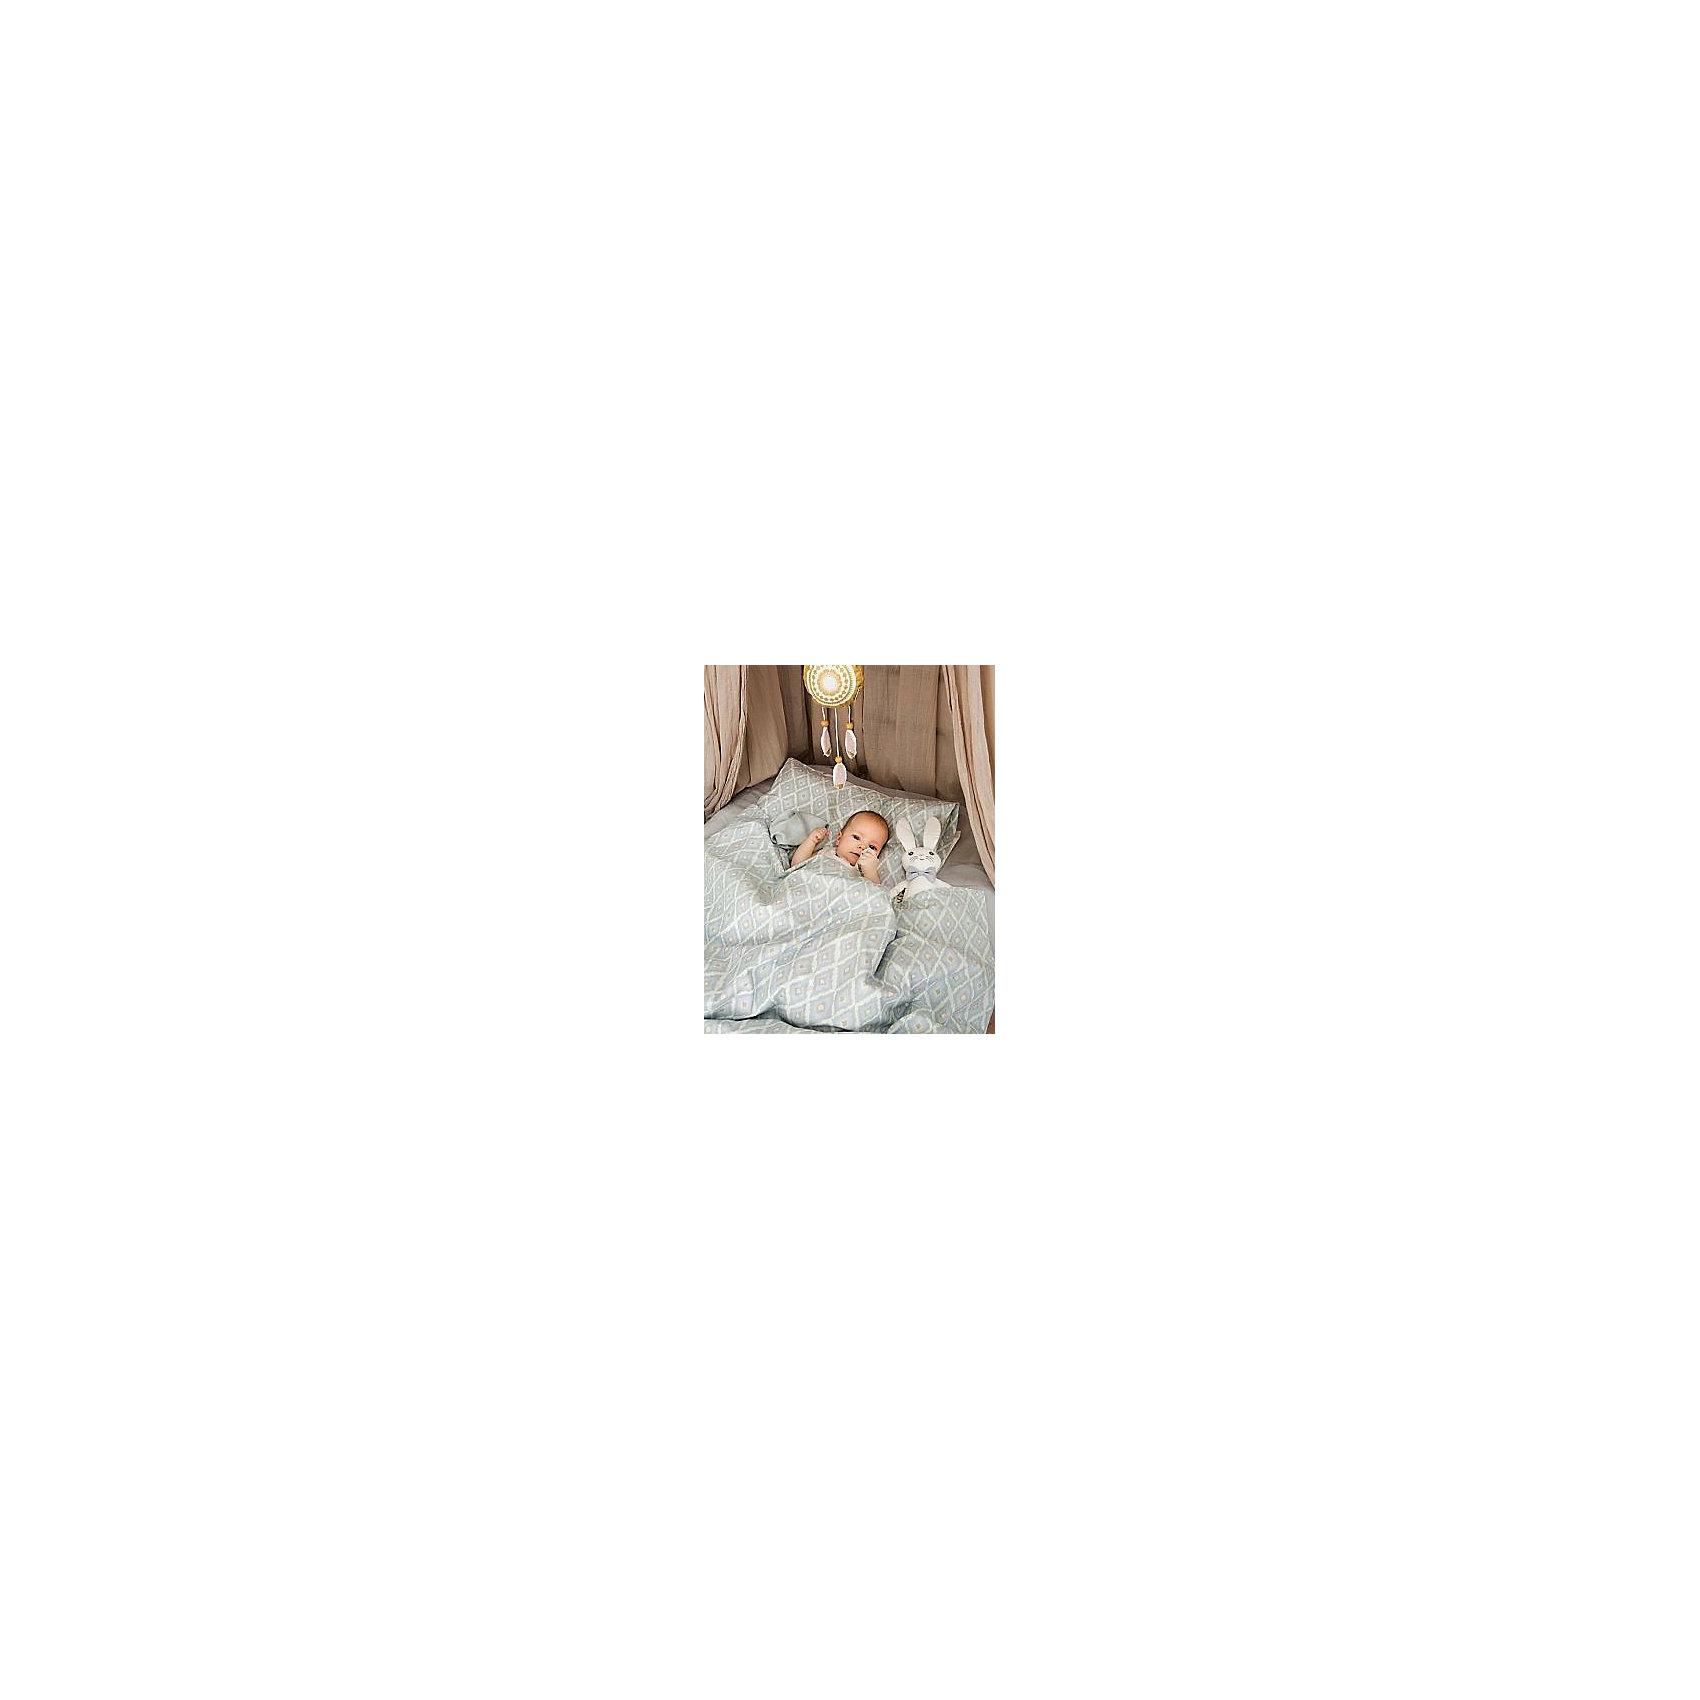 Постельное белье Colors of the Wind 2 пред., Elodie DetailsПостельное белье Colors of the Wind 2 пред., Elodie Details (Элоди Дитейлс) – постельное белье создаст атмосферу уюта в детской комнате.<br>Комплект постельного белья от Elodie Details (Элоди Дитейлс) включает пододеяльник и наволочку. Изготовлен из невероятно гладкого и мягкого 100% органического хлопка-перкаль. Хлопок имеет сертификацию GOTS, вырос без использования вредных химических веществ. Перкаль тонкая, легкая, прочная ткань, которая хорошо хранит тепло, прекрасно впитывает влагу, не образует катышков. Нежная воздушная ткань создаст ощущение уюта и комфорта, обеспечит ребенку крепкий и здоровый сон. Постельное белье не вызывает раздражений или аллергических реакций. За ним очень легко ухаживать. Ткань быстро сохнет и не меняет свой цвет. Комплект подходит к большинству стандартных кроваток и является отличным выбором для малышей. Шведская компания Elodie detalis (Элоди Дитейлс) создает вещи необходимые повседневной жизни мамы и ребенка. Превосходное качество, стиль и практичность сделали компанию популярной во всем мире. Товары Elodie Details (Элоди Дитейлс) выпускаются сериями, что позволит подобрать вещи в одной гамме.<br><br>Дополнительная информация:<br><br>- В комплекте: пододеяльник 100х130 см, наволочку 35х55 см.<br>- Материал: 100% органический хлопок-перкаль<br><br>Постельное белье Colors of the Wind 2 пред., Elodie Details (Элоди Дитейлс) можно купить в нашем интернет-магазине.<br><br>Ширина мм: 20<br>Глубина мм: 270<br>Высота мм: 390<br>Вес г: 558<br>Возраст от месяцев: 0<br>Возраст до месяцев: 36<br>Пол: Мужской<br>Возраст: Детский<br>SKU: 4701944